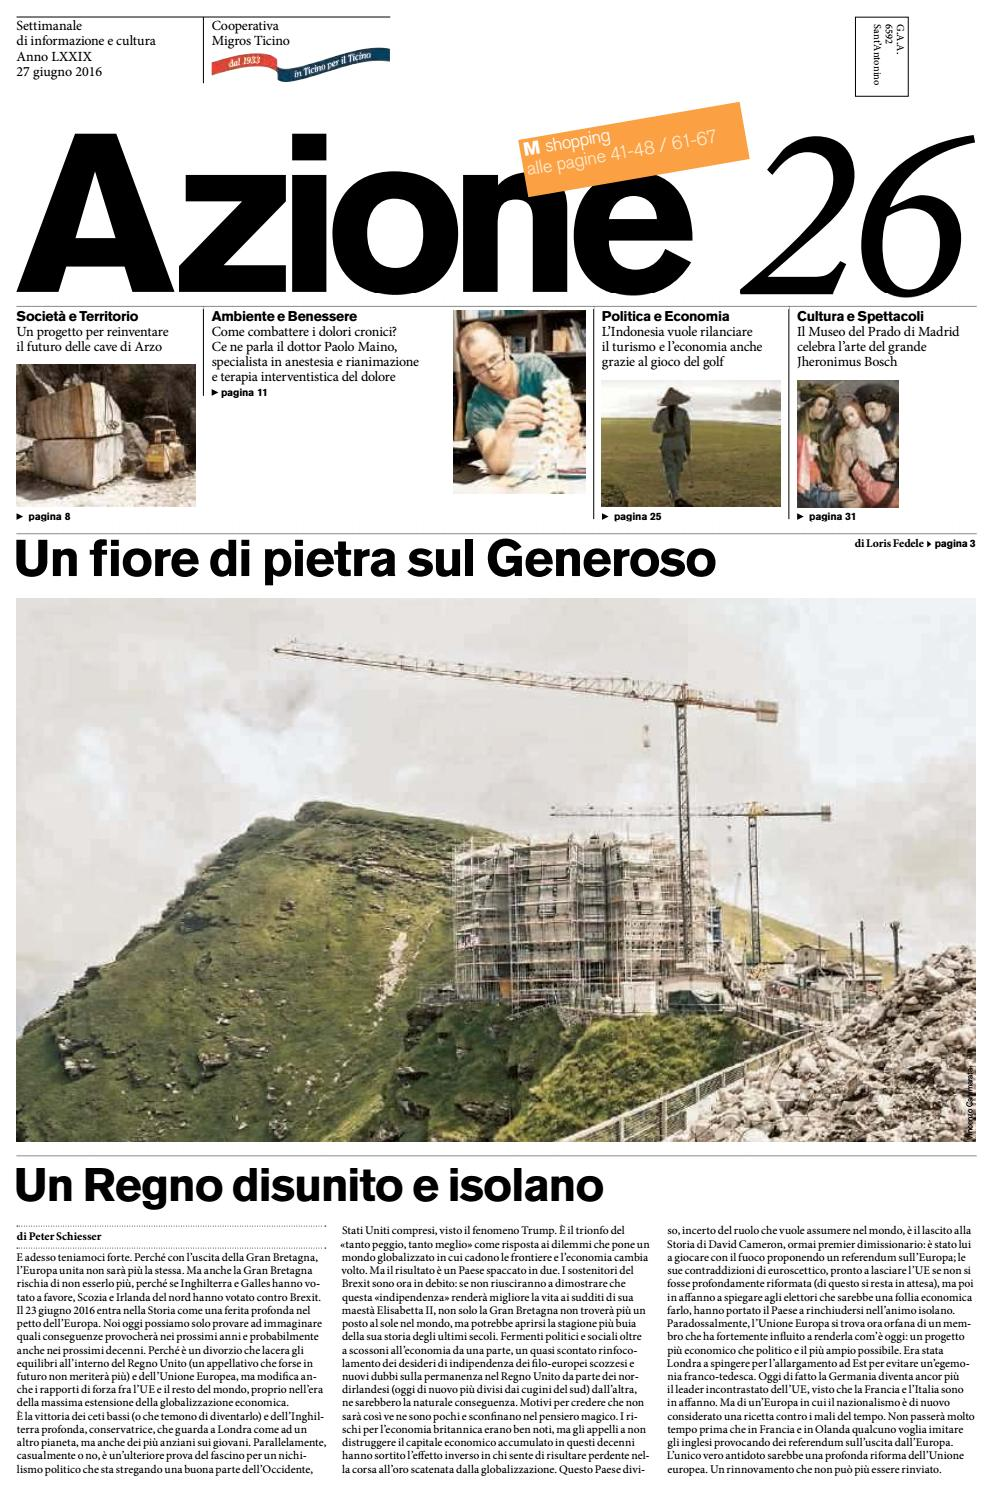 Azione 26 Del 27 Giugno 2016 By Azione Settimanale Di Migros Ticino